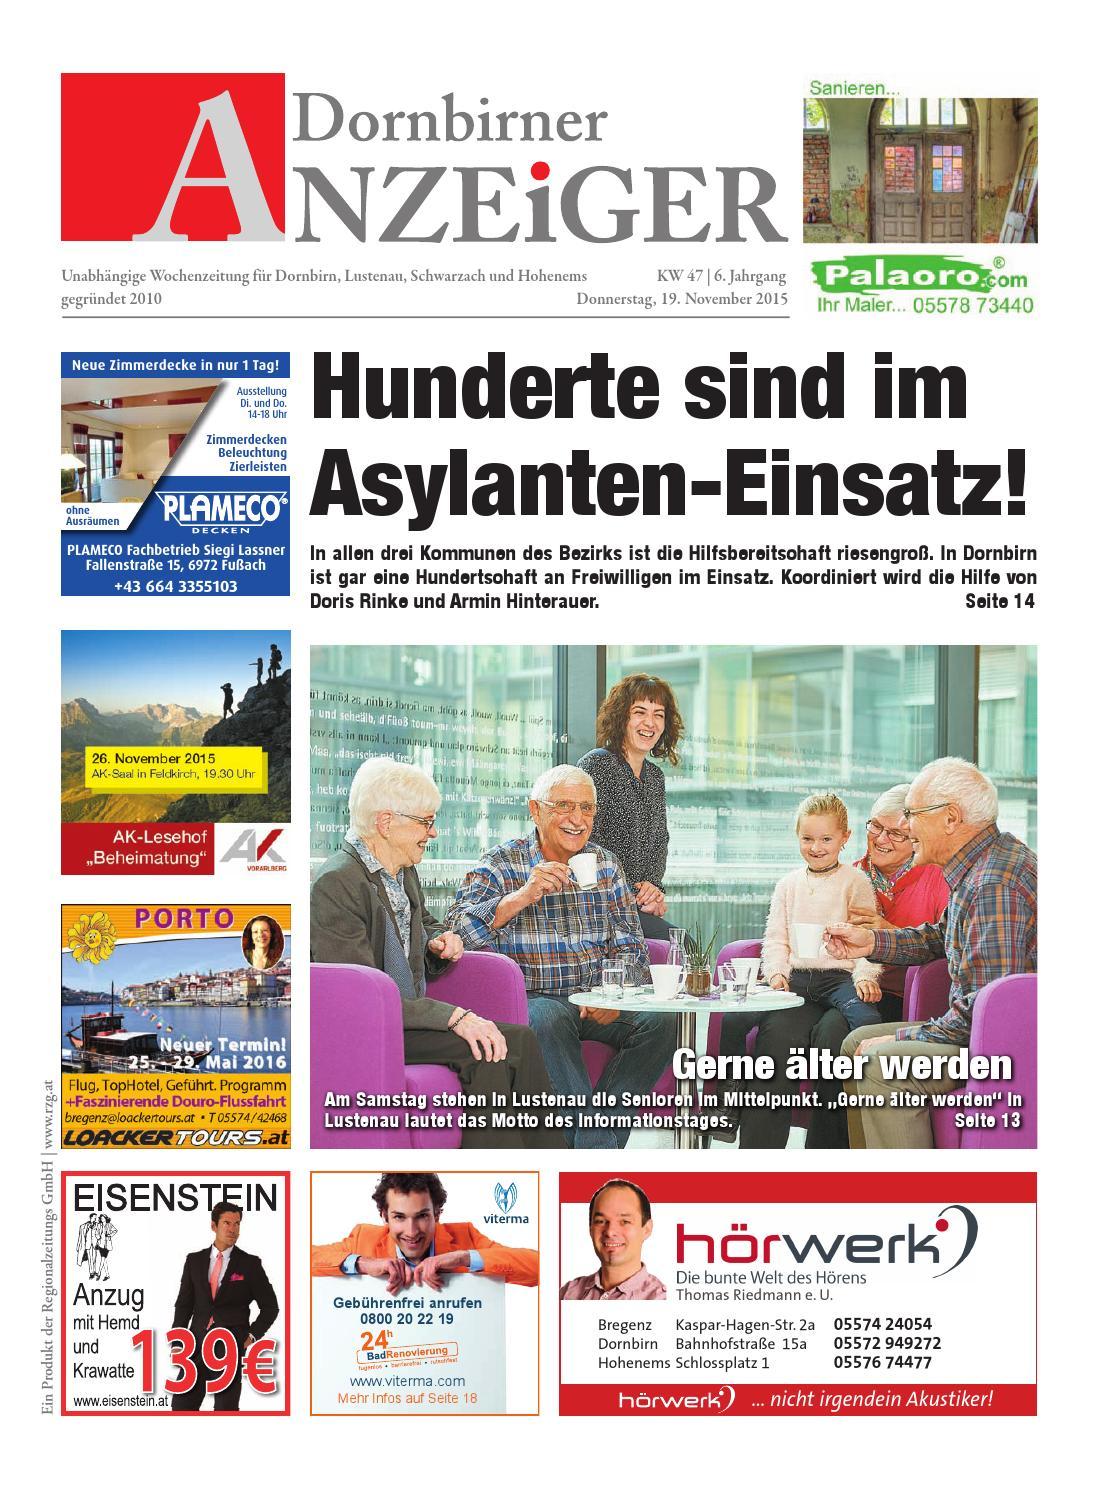 Dornbirner anzeiger 47 by Regionalzeitungs GmbH - issuu